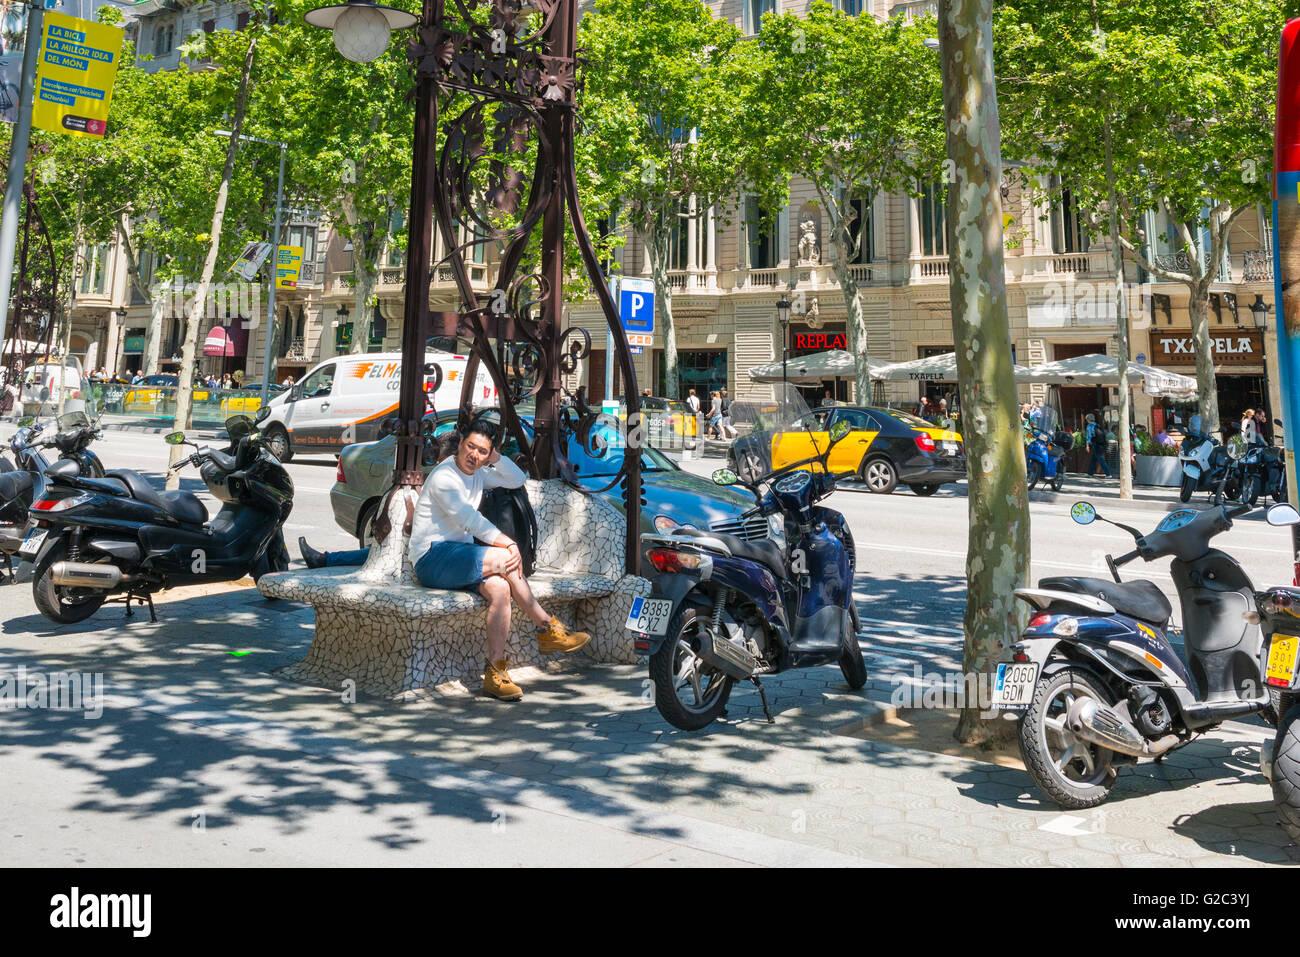 Espagne Catalogne Barcelone Eixample Passeig de Gracia Gaudi décoré style combiné & banquette Photo Stock